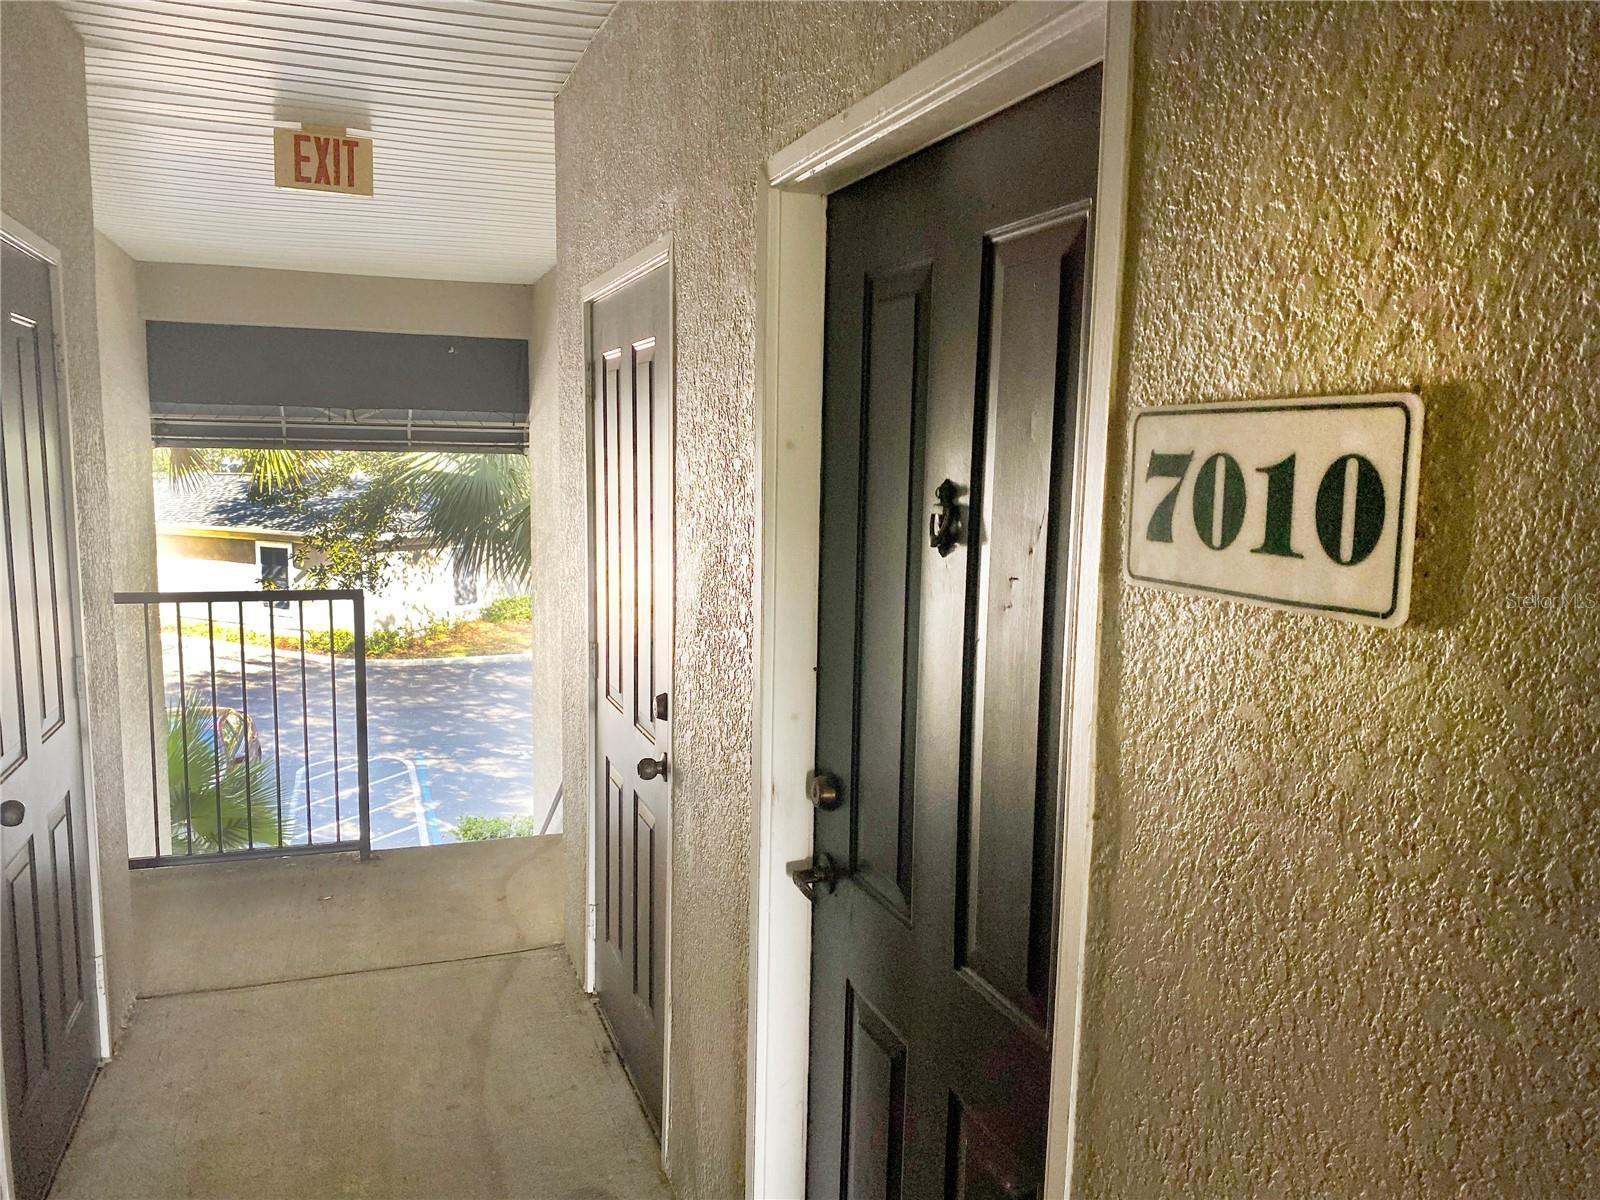 Photo of 7010 HEMINGWAY CIRCLE, HAINES CITY, FL 33844 (MLS # S5056831)